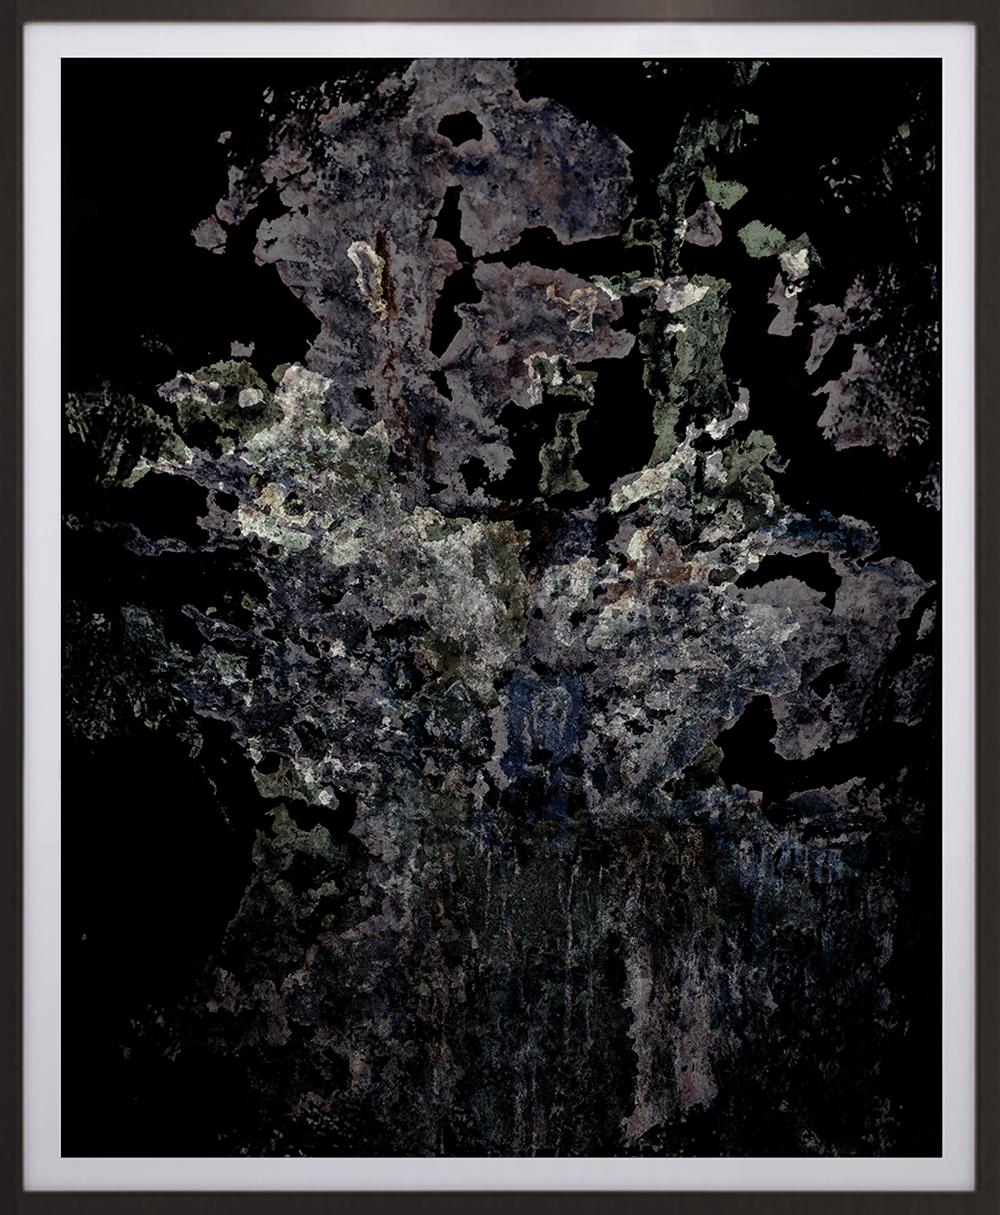 Elias Wessel  Feral 8 , 2015-16 Color Photograph Original: 231 x 189,2 cm (framed)